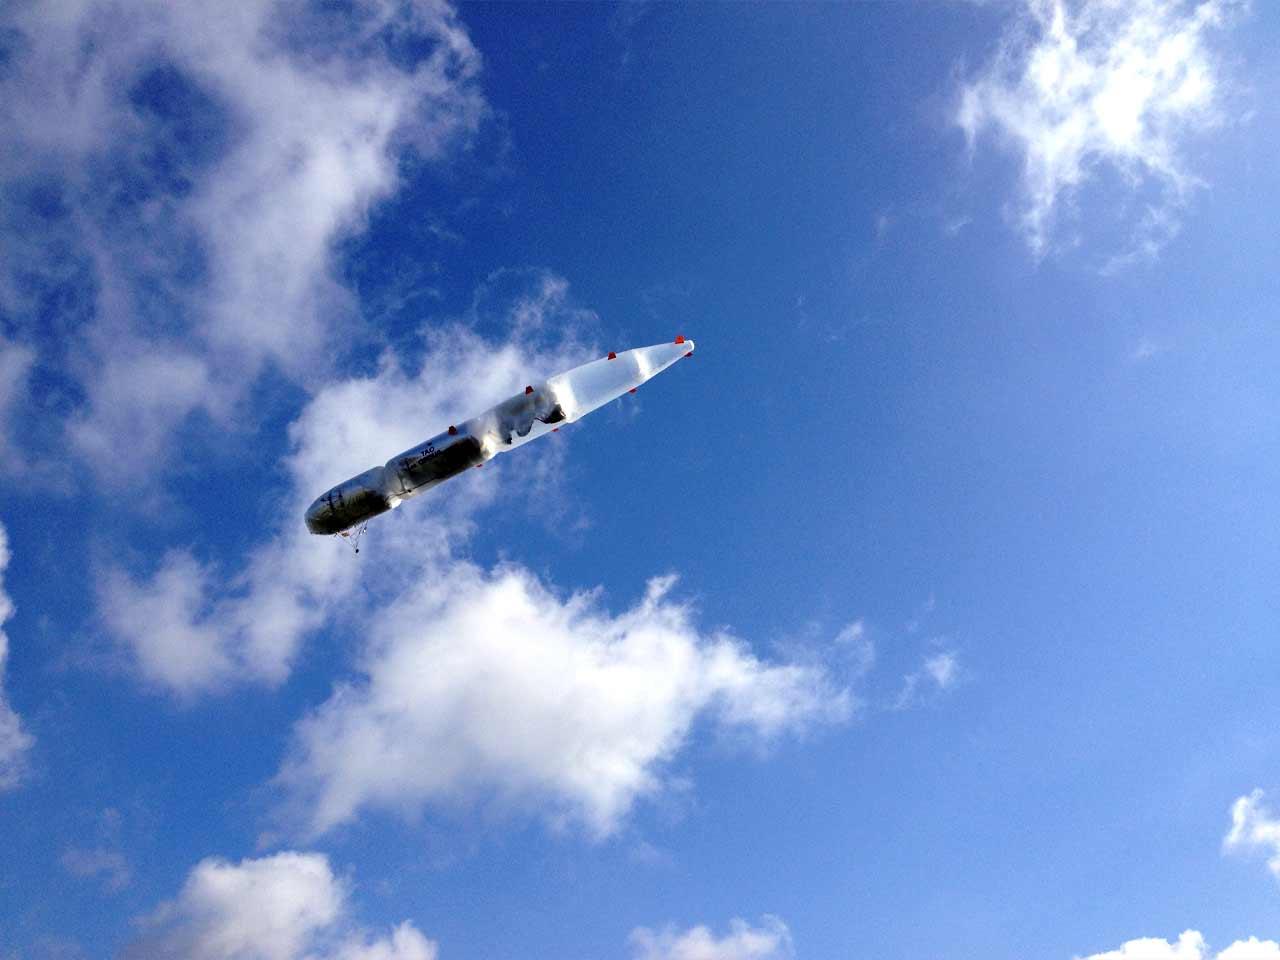 Der SkyDragon in der Luft